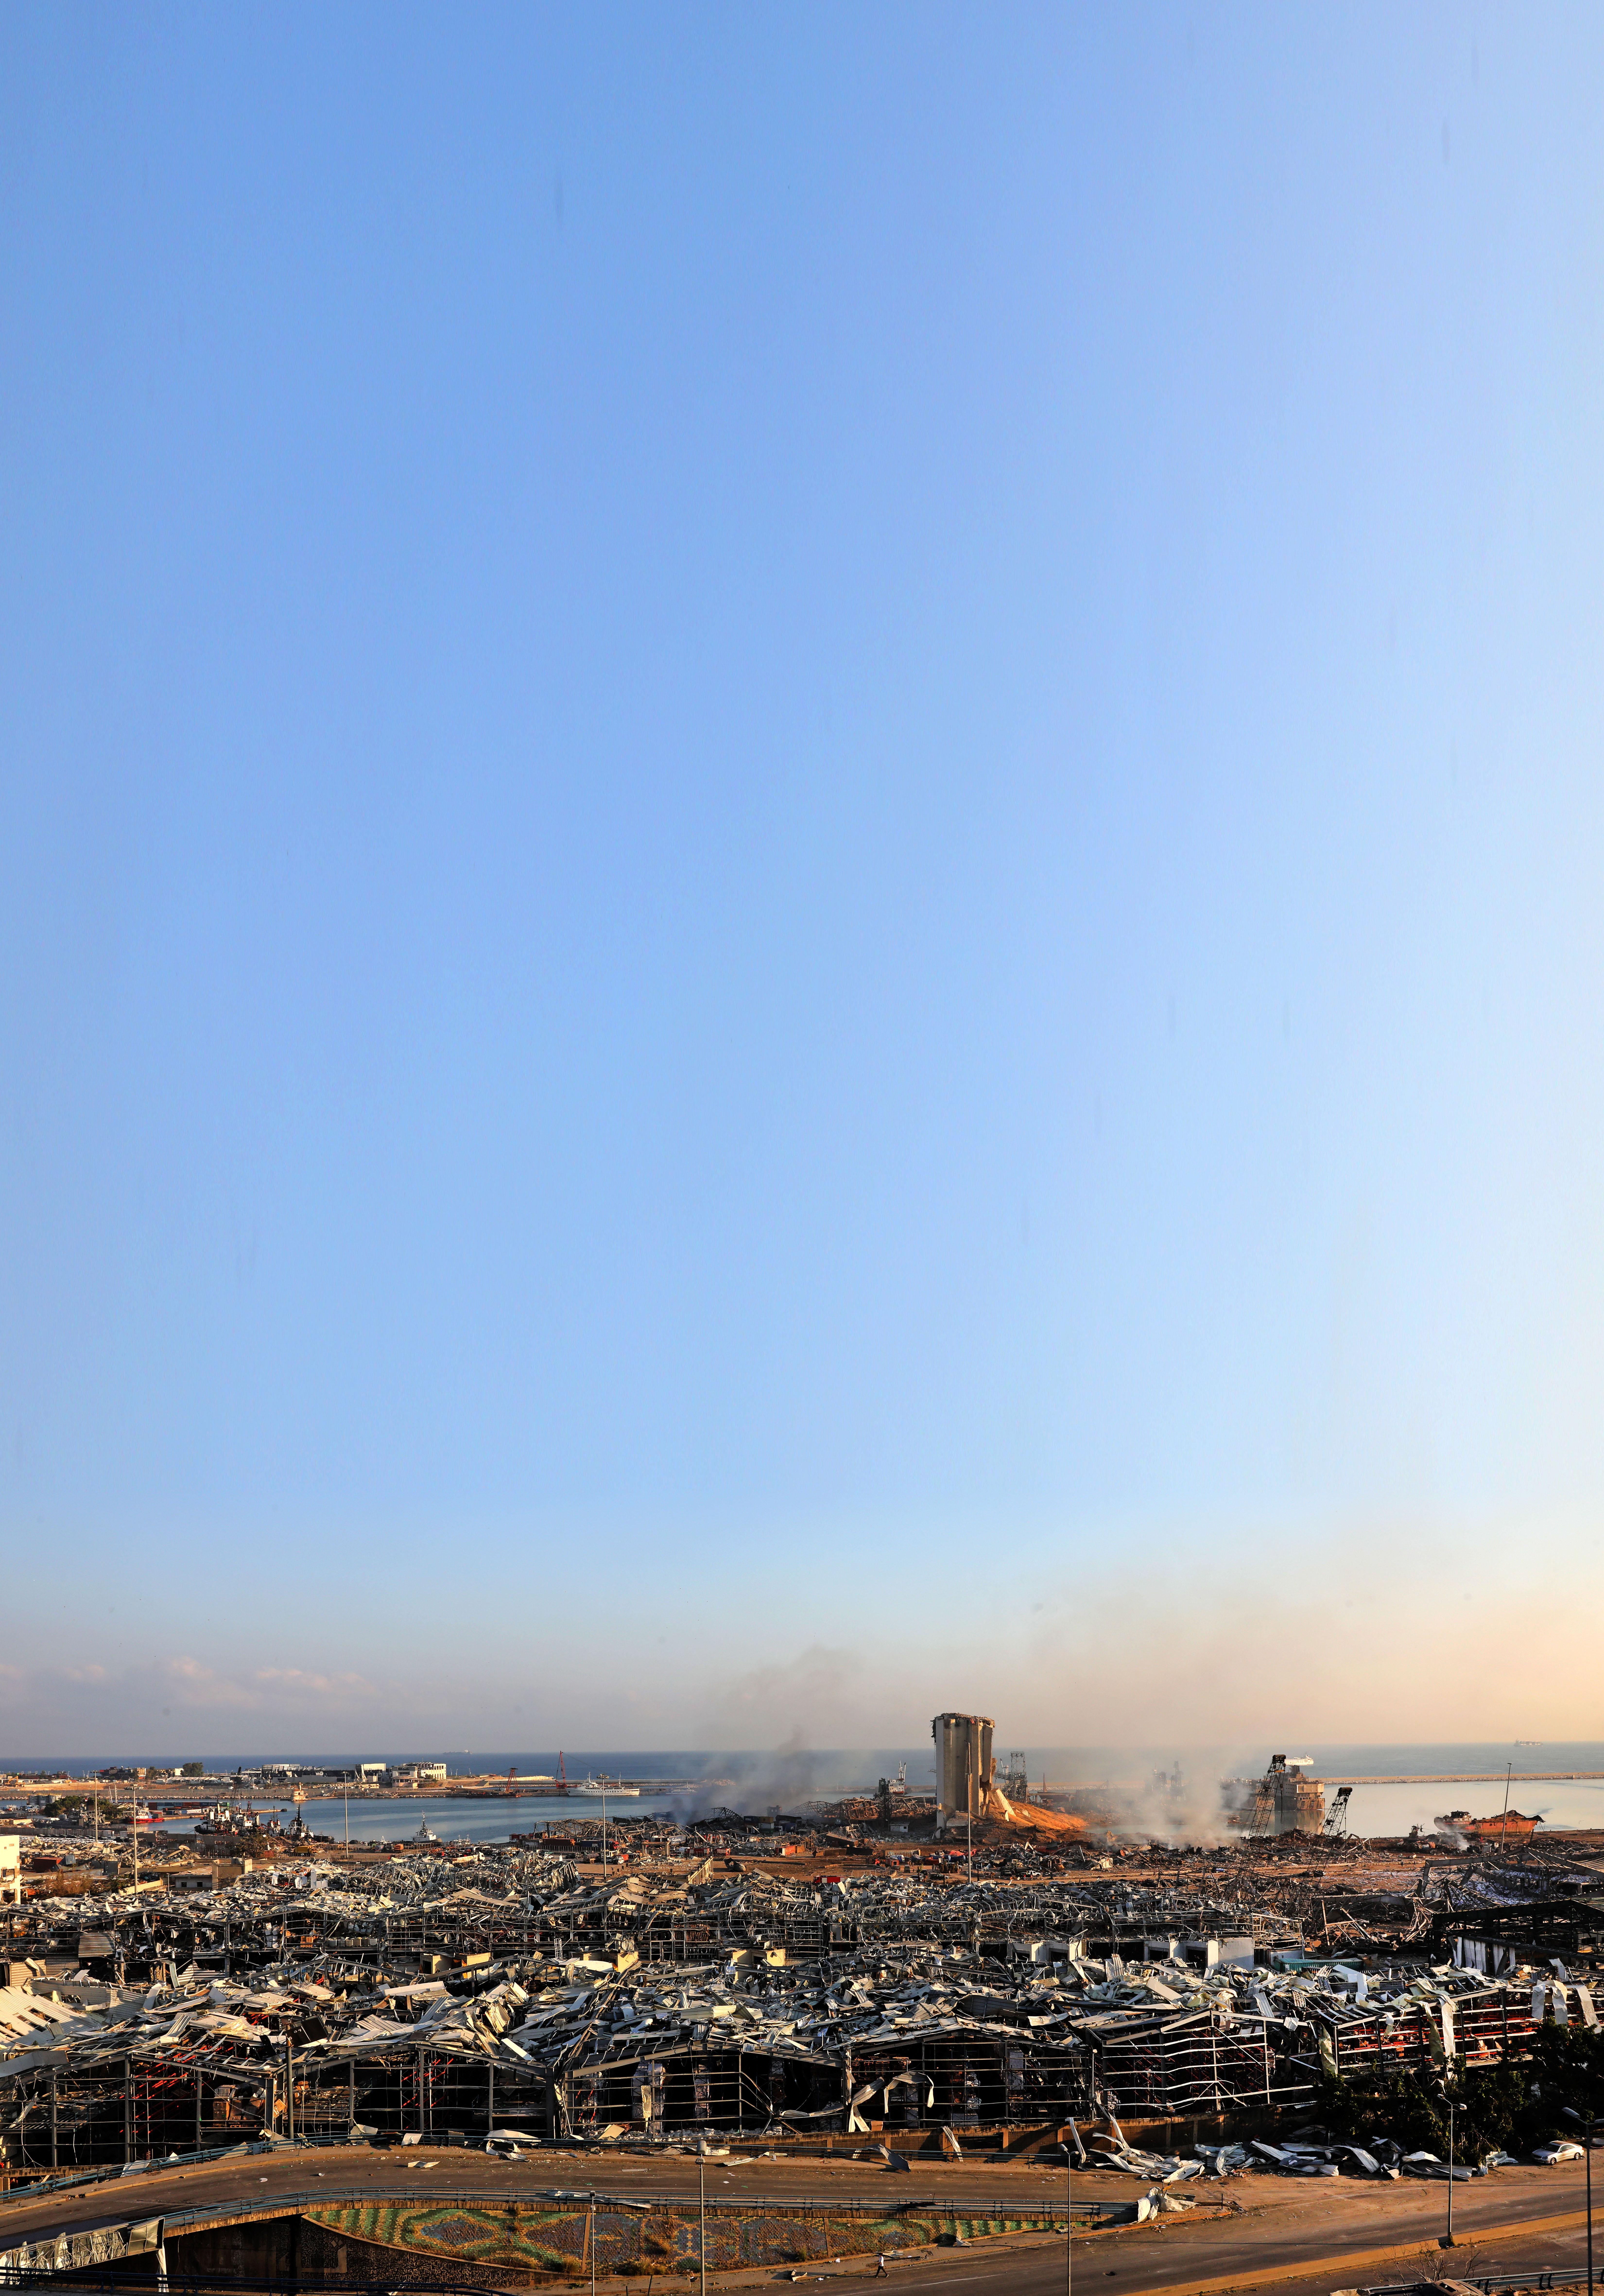 Beiroet zat jaren op een 'tijdbom': 'Vuurwerk én ammoniumnitraat, verschrikkelijk dom'